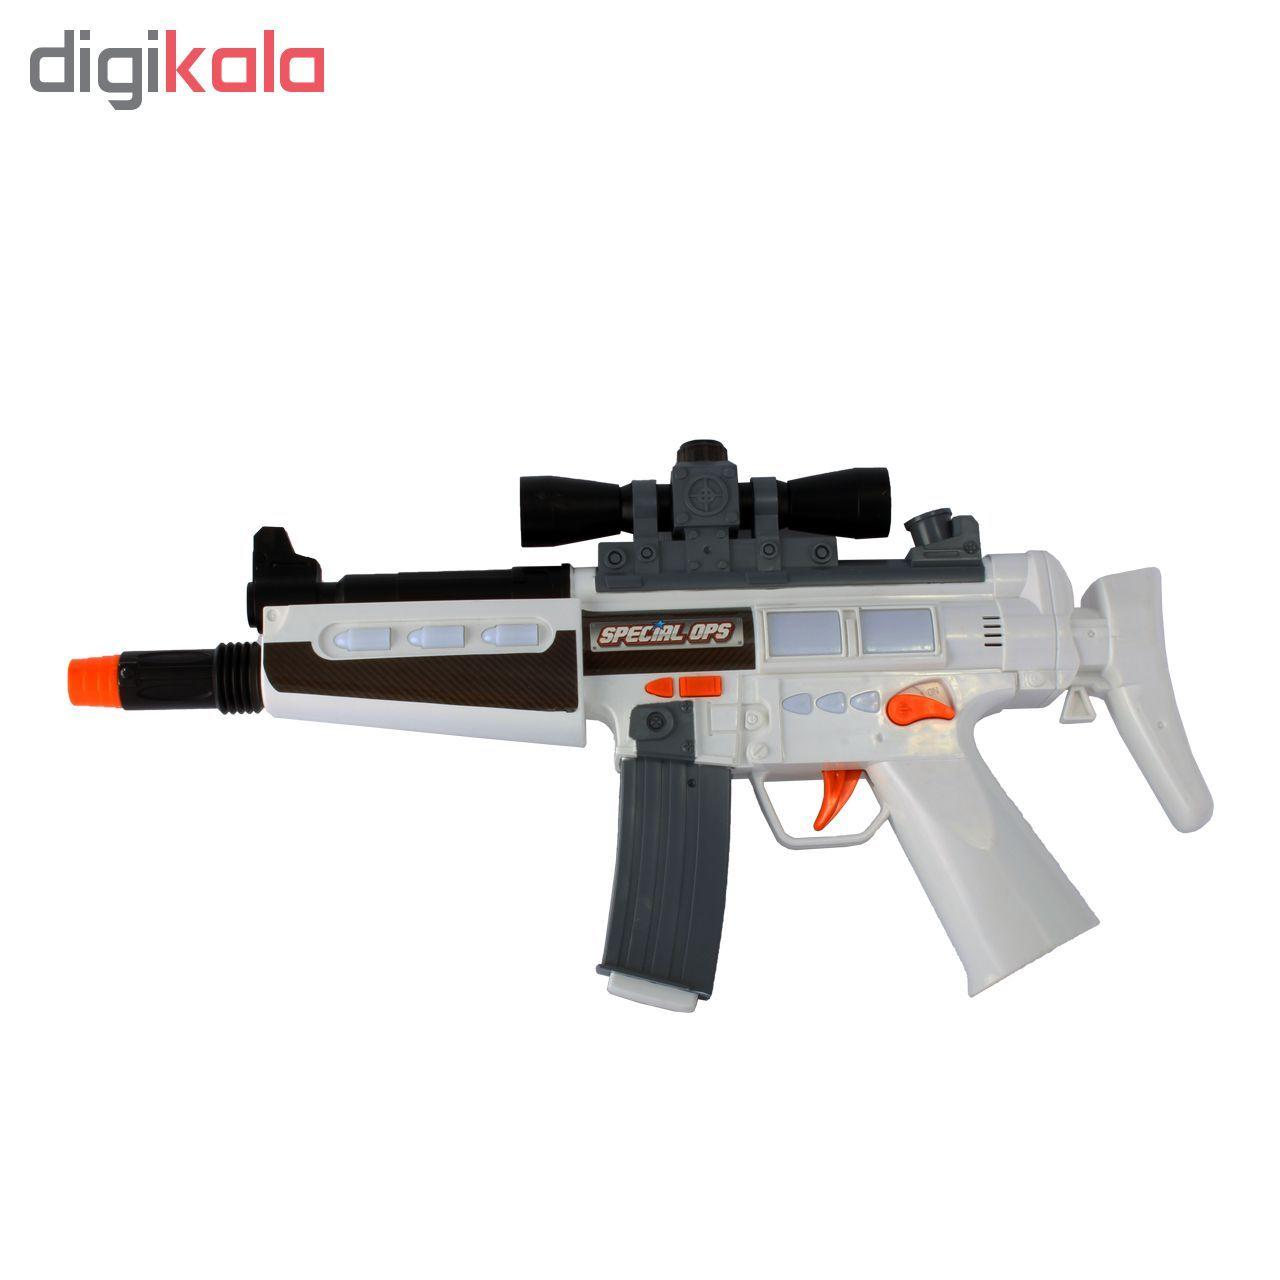 تفنگ مسلسل لیزر تگ بلستر کد 05A-393 main 1 2